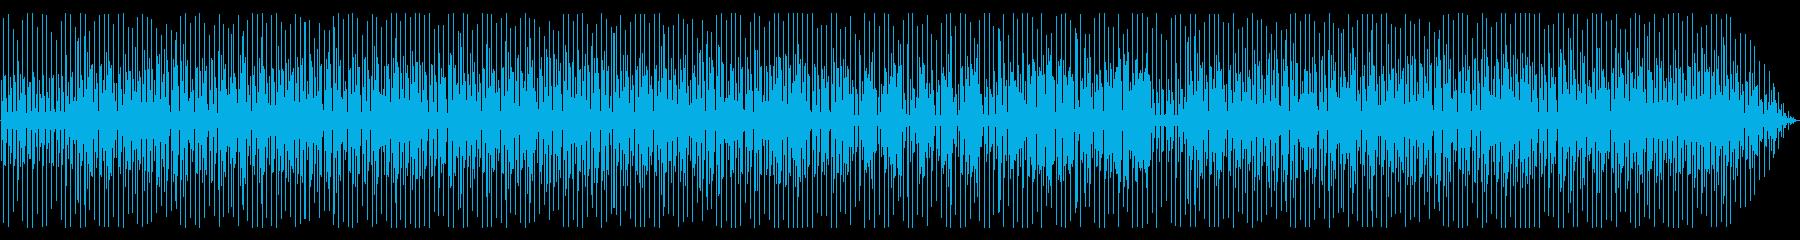 真夏の無人島で遊ぶ レゲエ調の再生済みの波形